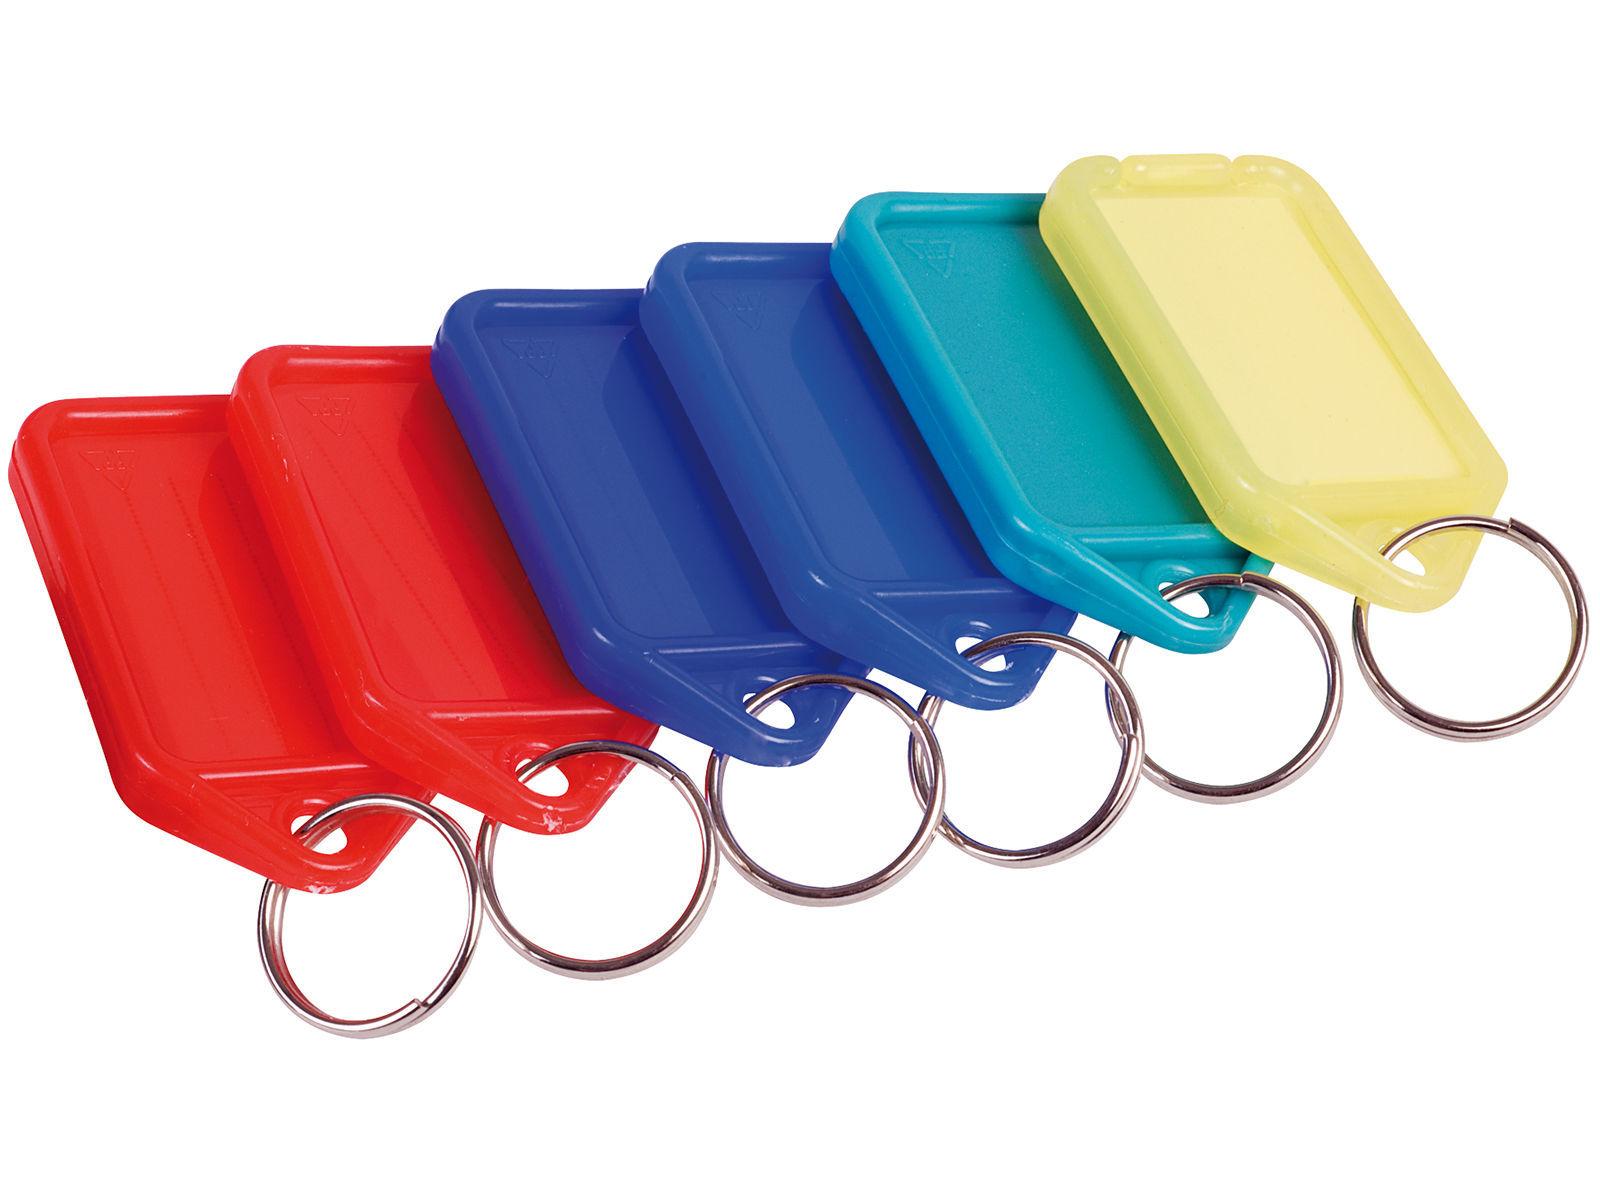 Bilde av Nøkkelmerke plast m/nøkkelring ass farger 45x30mm